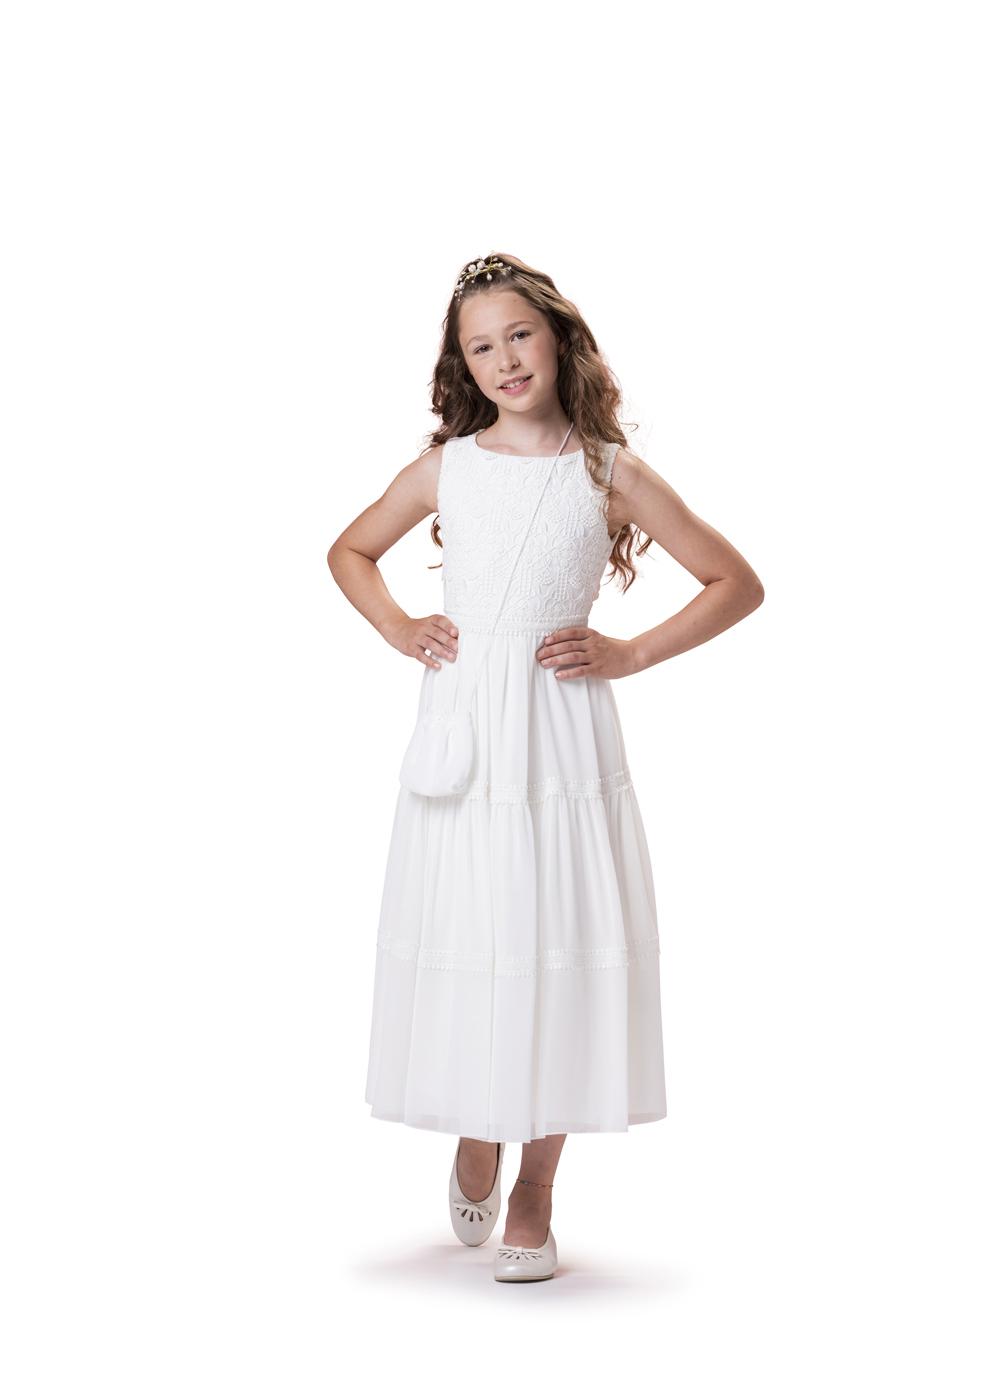 Vintage Kommunionkleid von Biancorella - Modell 520070. 7/8 langes Kleid im Vintage Look. Hochwertig verarbeitete Spitze am Oberteil kombiniert mit einem leichtem Stufenrock. Absolut trendig.